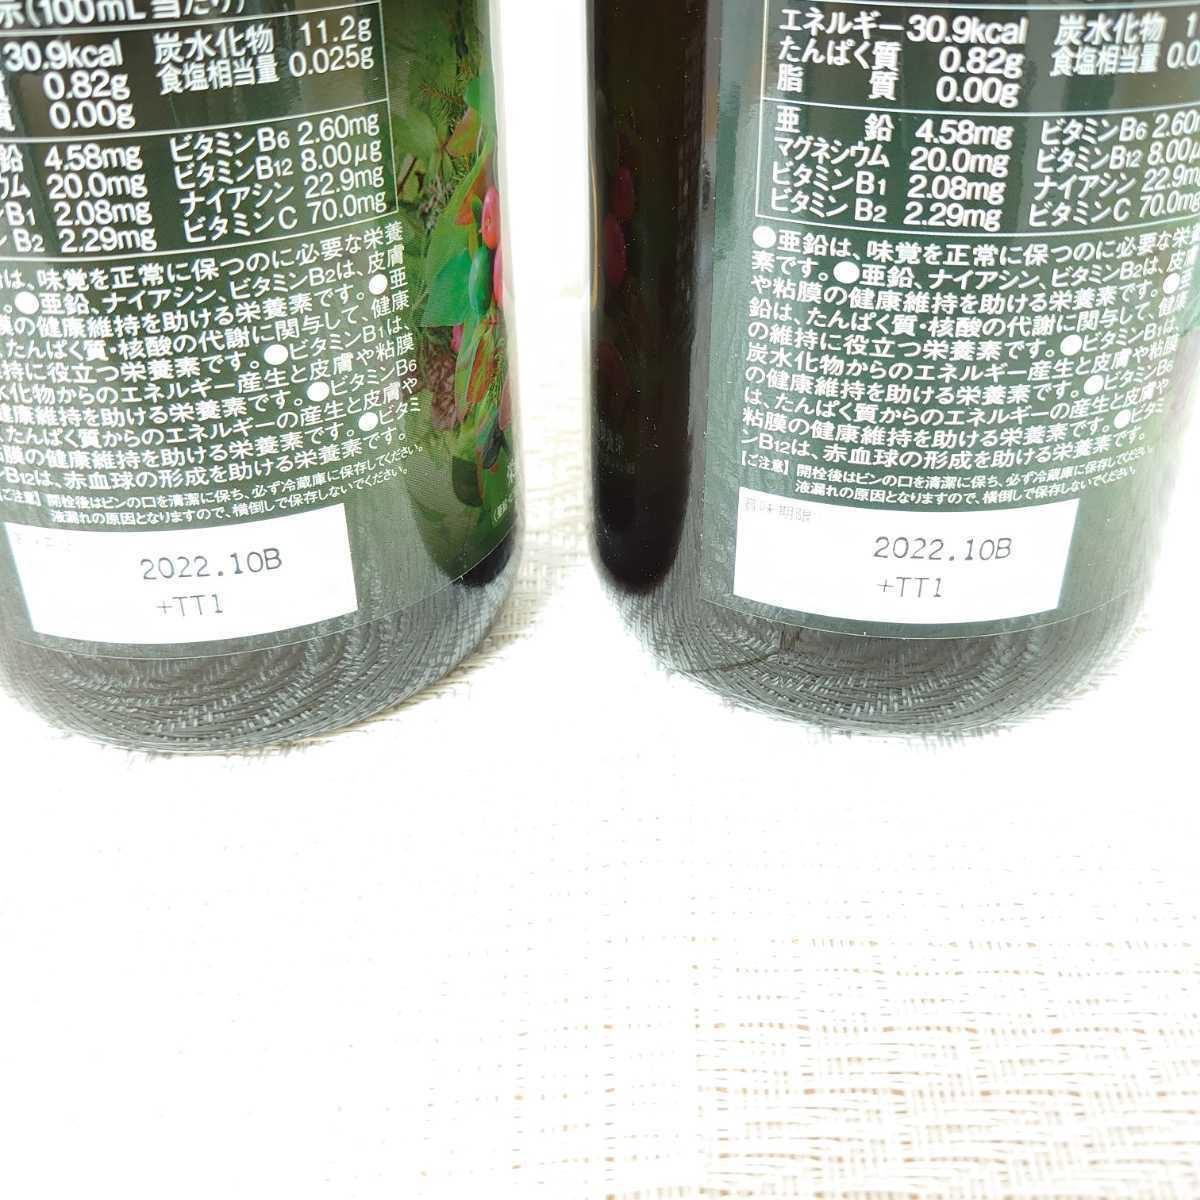 【新品未開封品】回帰水C1 720ml×2本 賞味期限2022.10 タイセイ株式会社 栄養機能食品_画像5